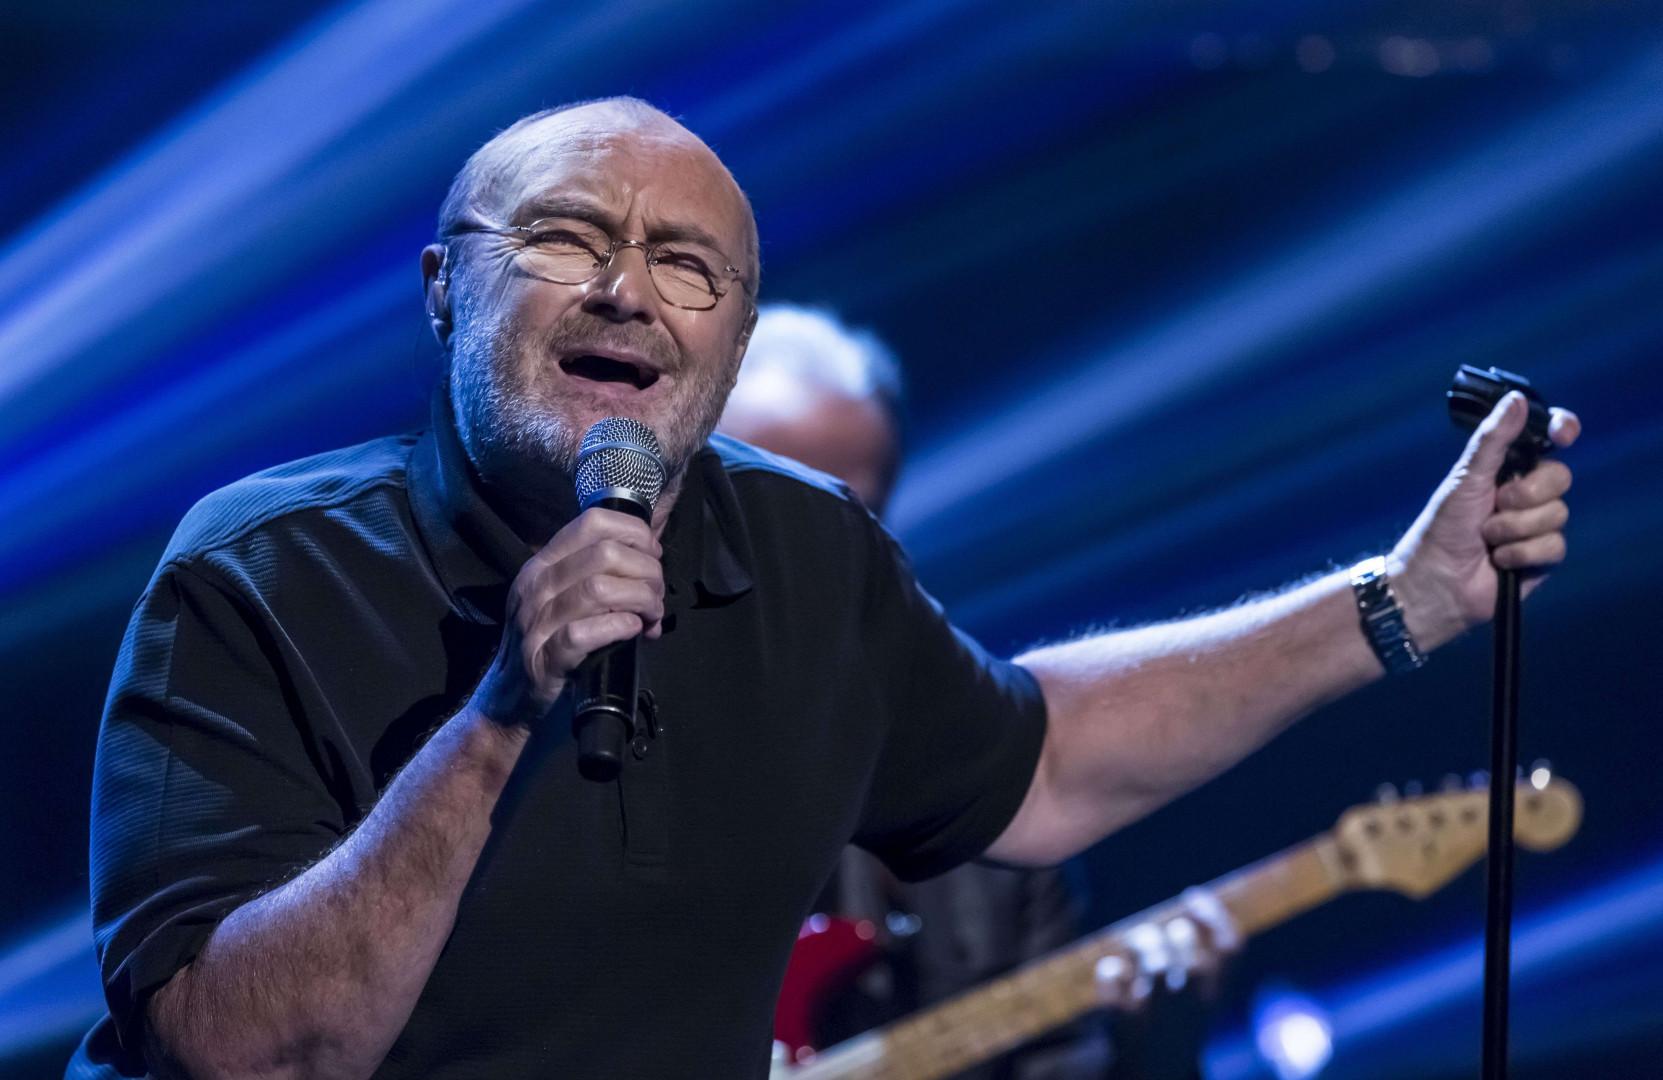 Phil Collins est de retour avec 5 concerts à Paris, du 18 au 23 juin 2017.